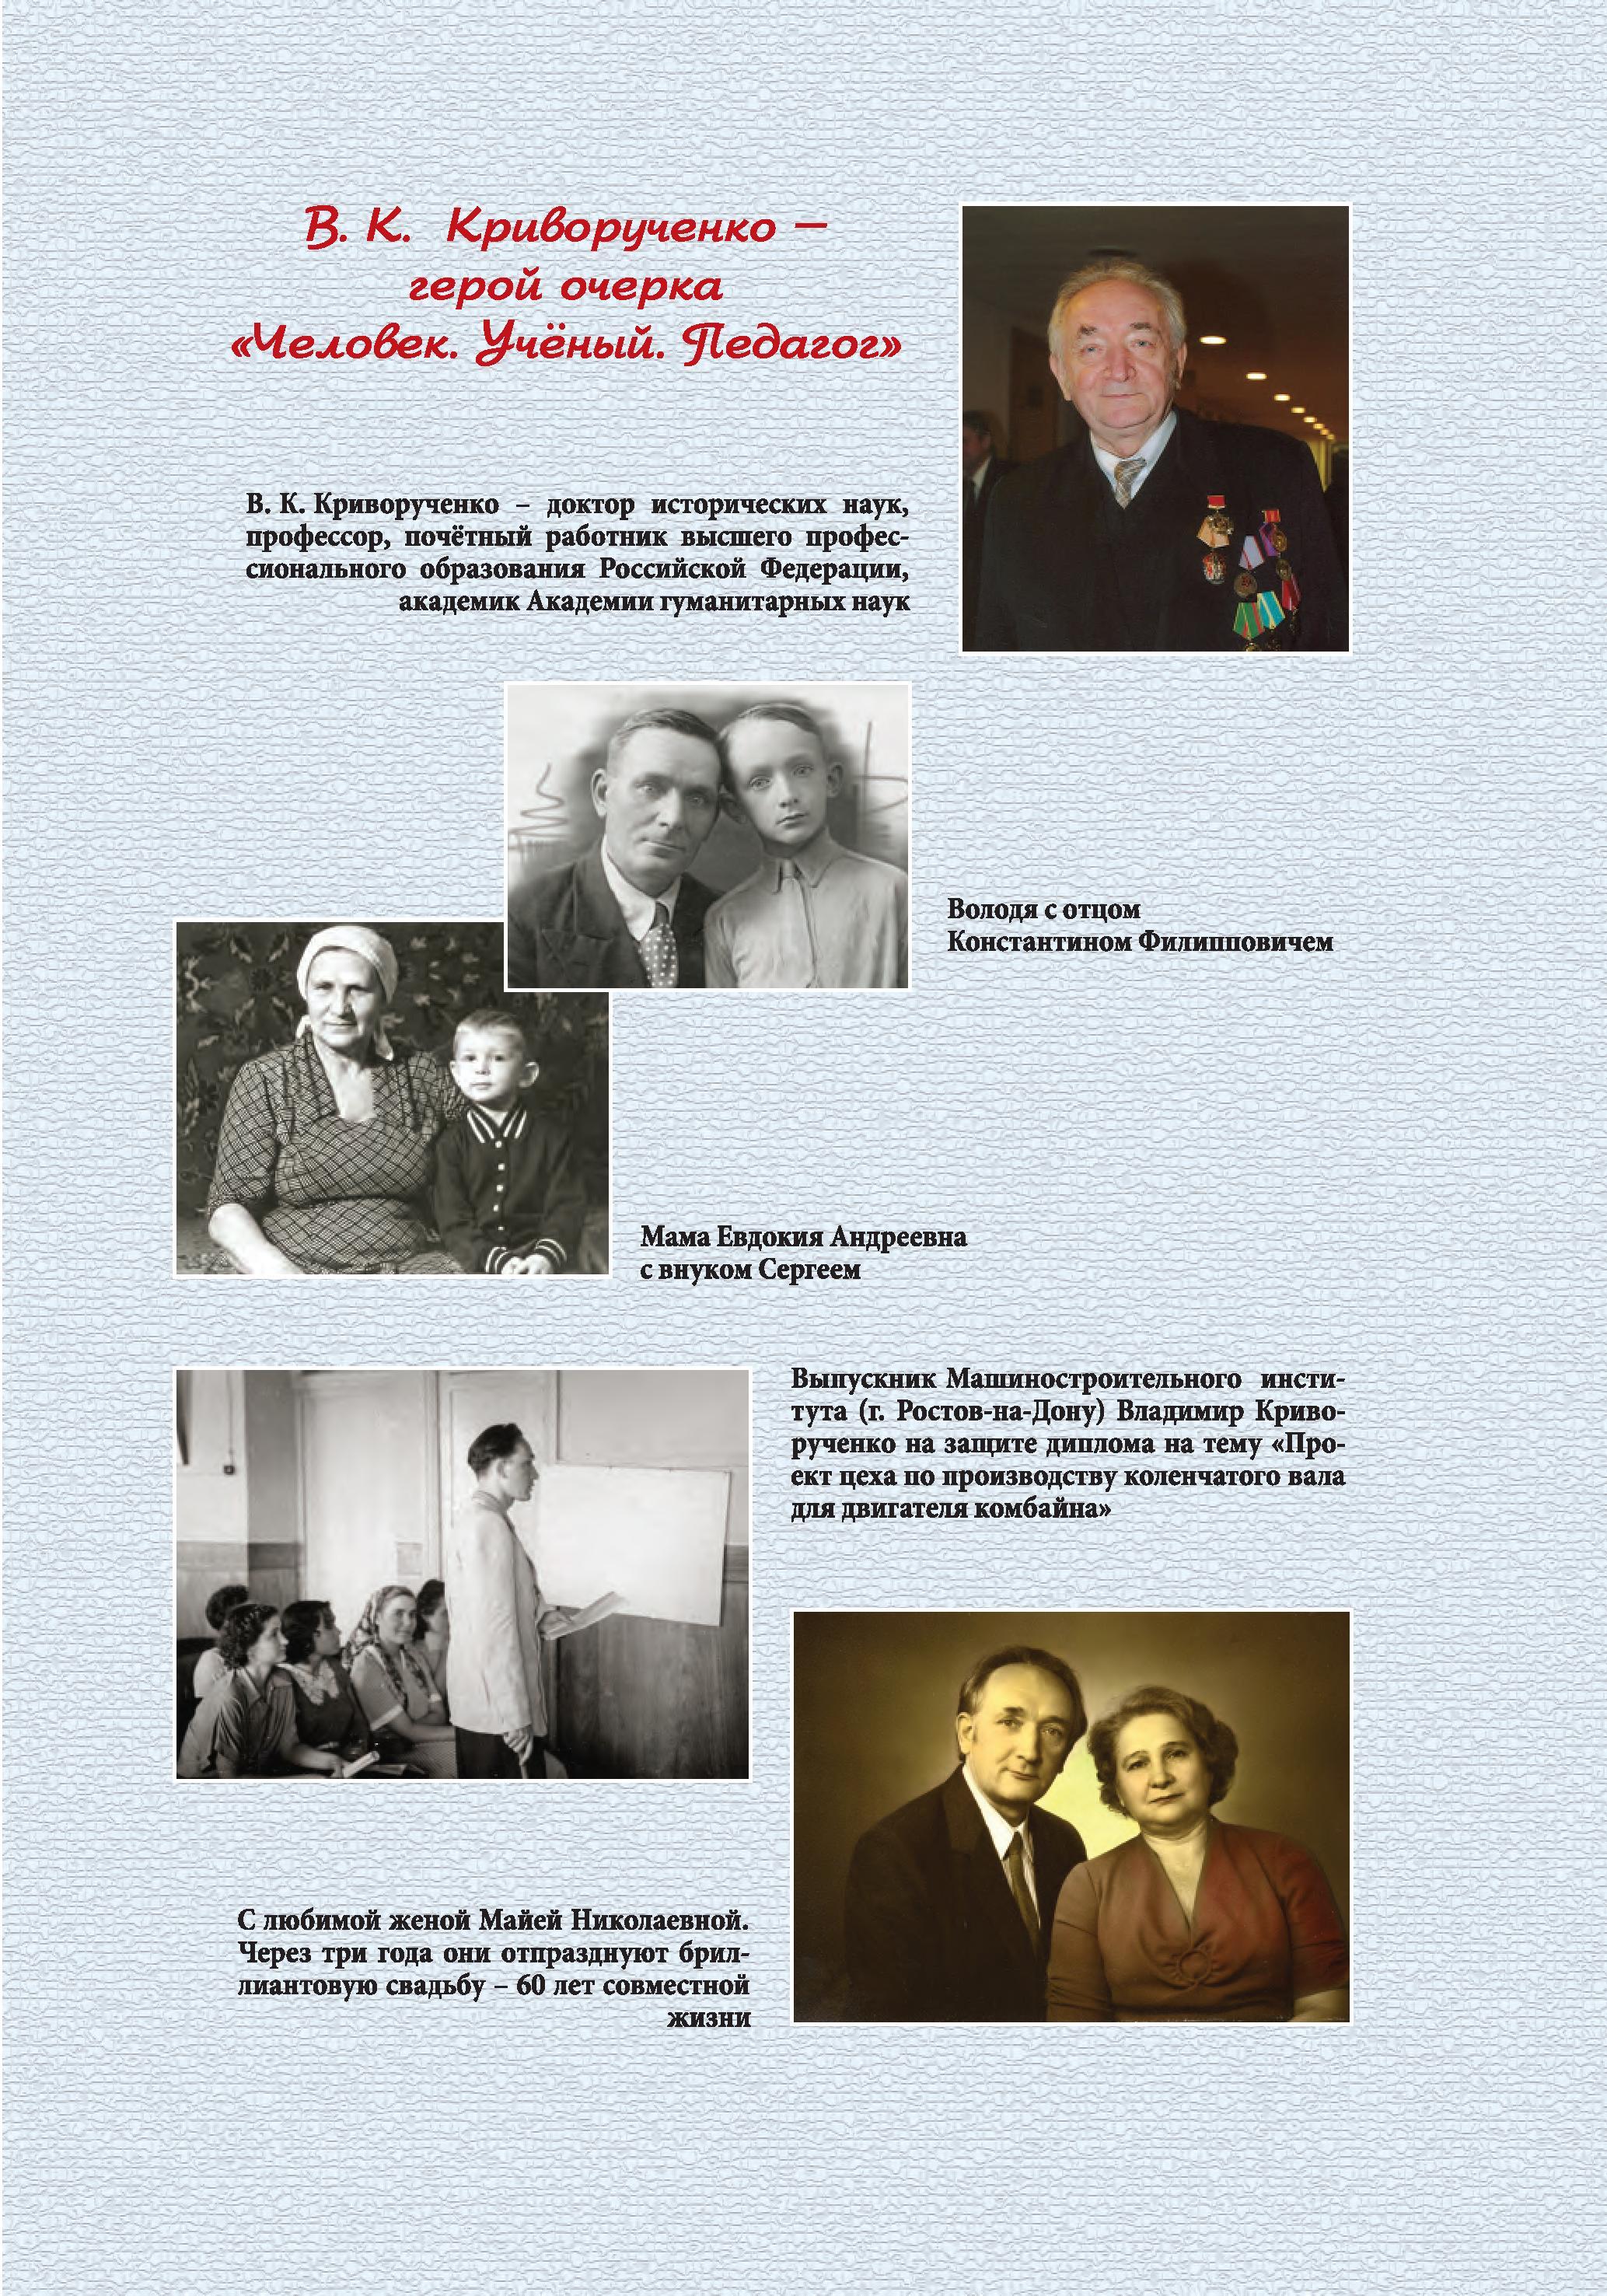 Владимир Константинович Криворученко. Фотографии разных лет